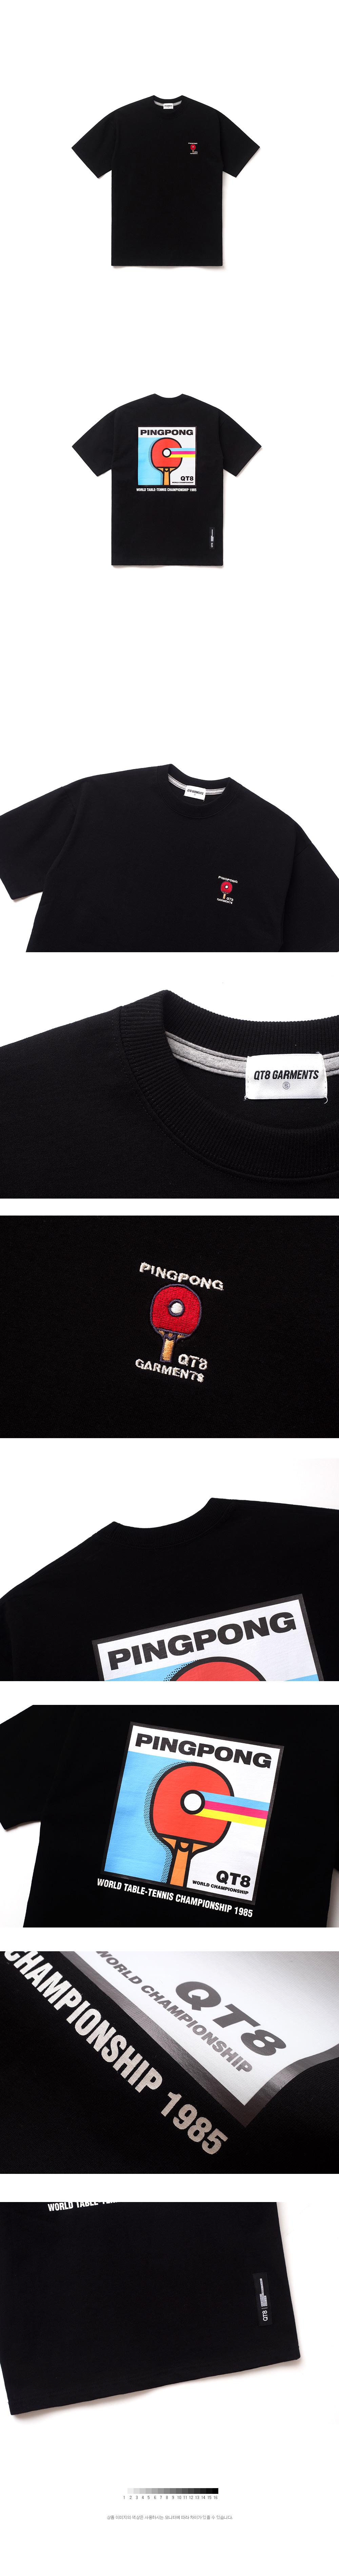 큐티에잇(QT8) KP Ping Pong Champ Tee (Black)